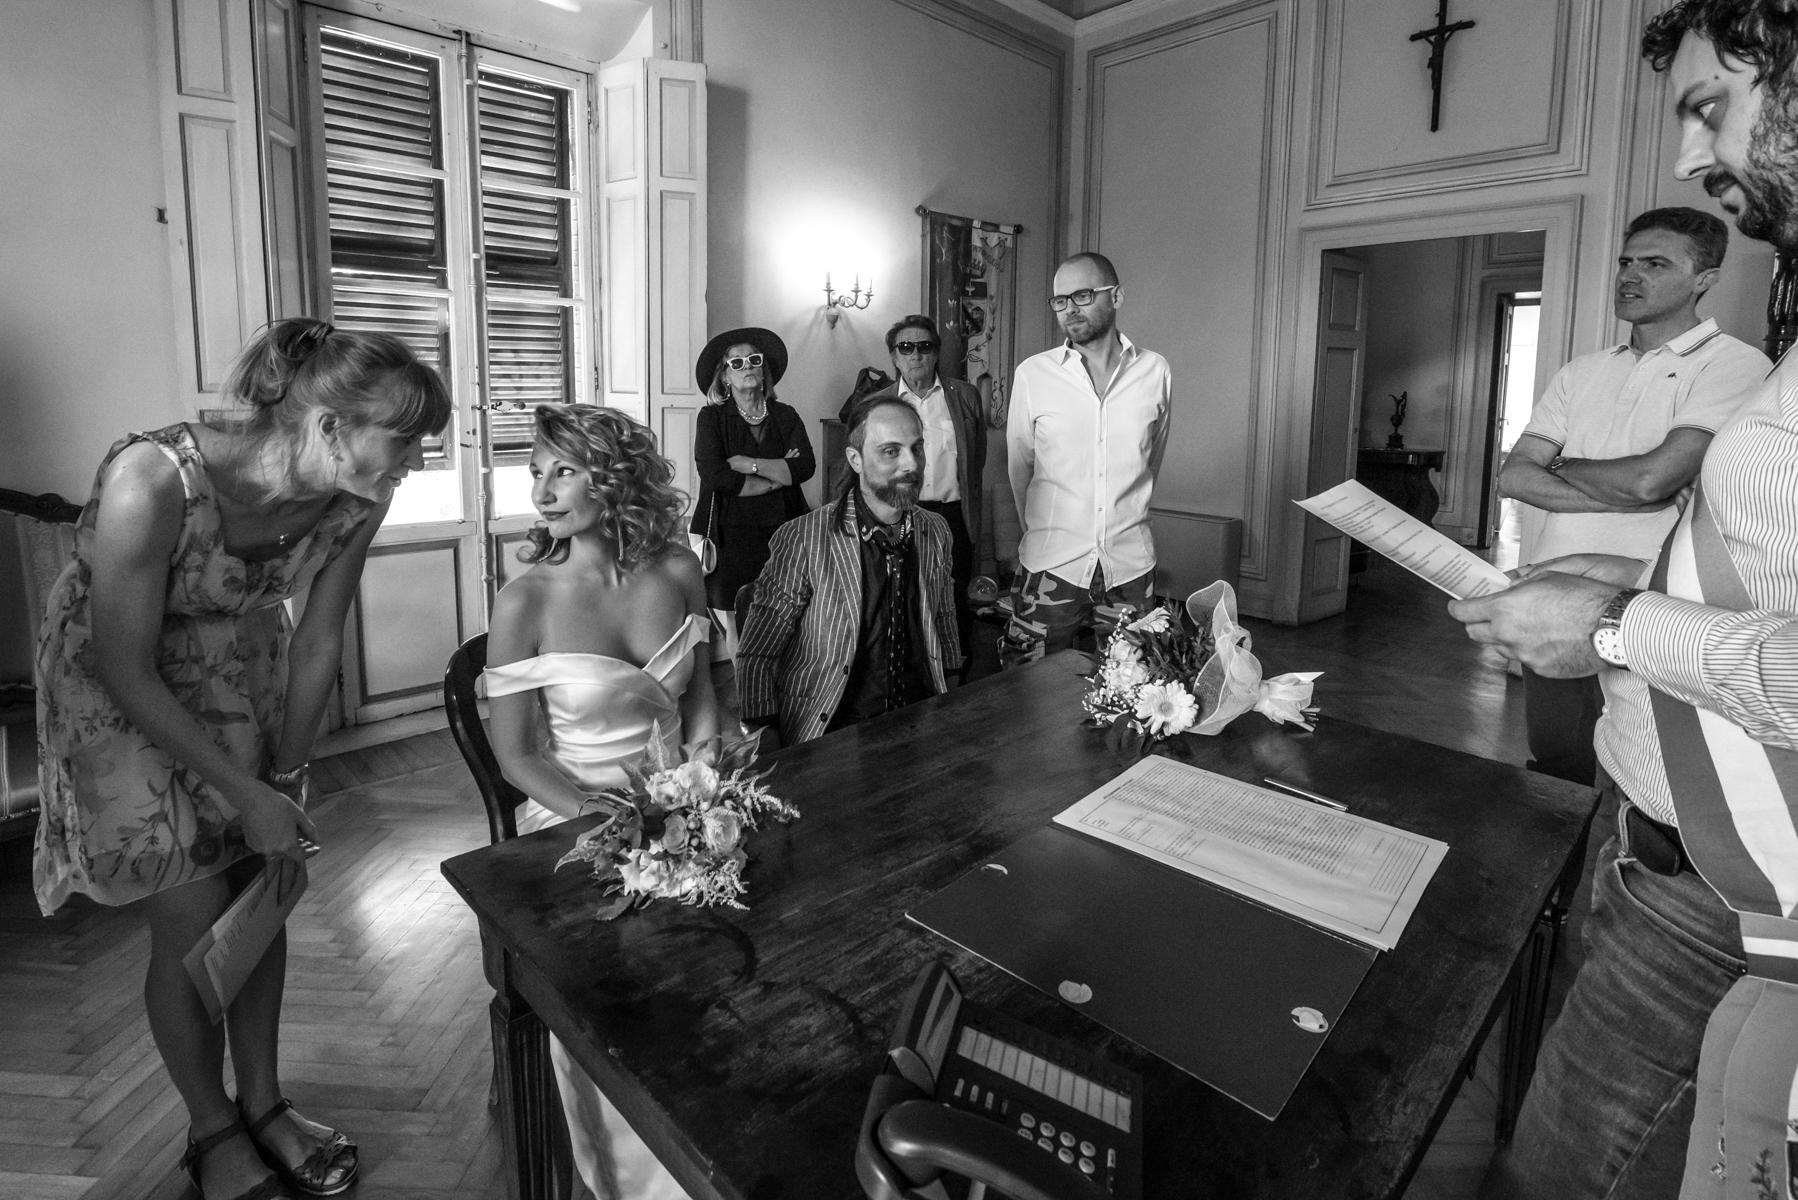 Rocca San Vitale - Fontanellato - Parma - Italien. Die Braut wendet sich an den Übersetzer und hört mit aller Aufmerksamkeit der Übersetzung des Ritus vom Italienischen ins Russische zu.